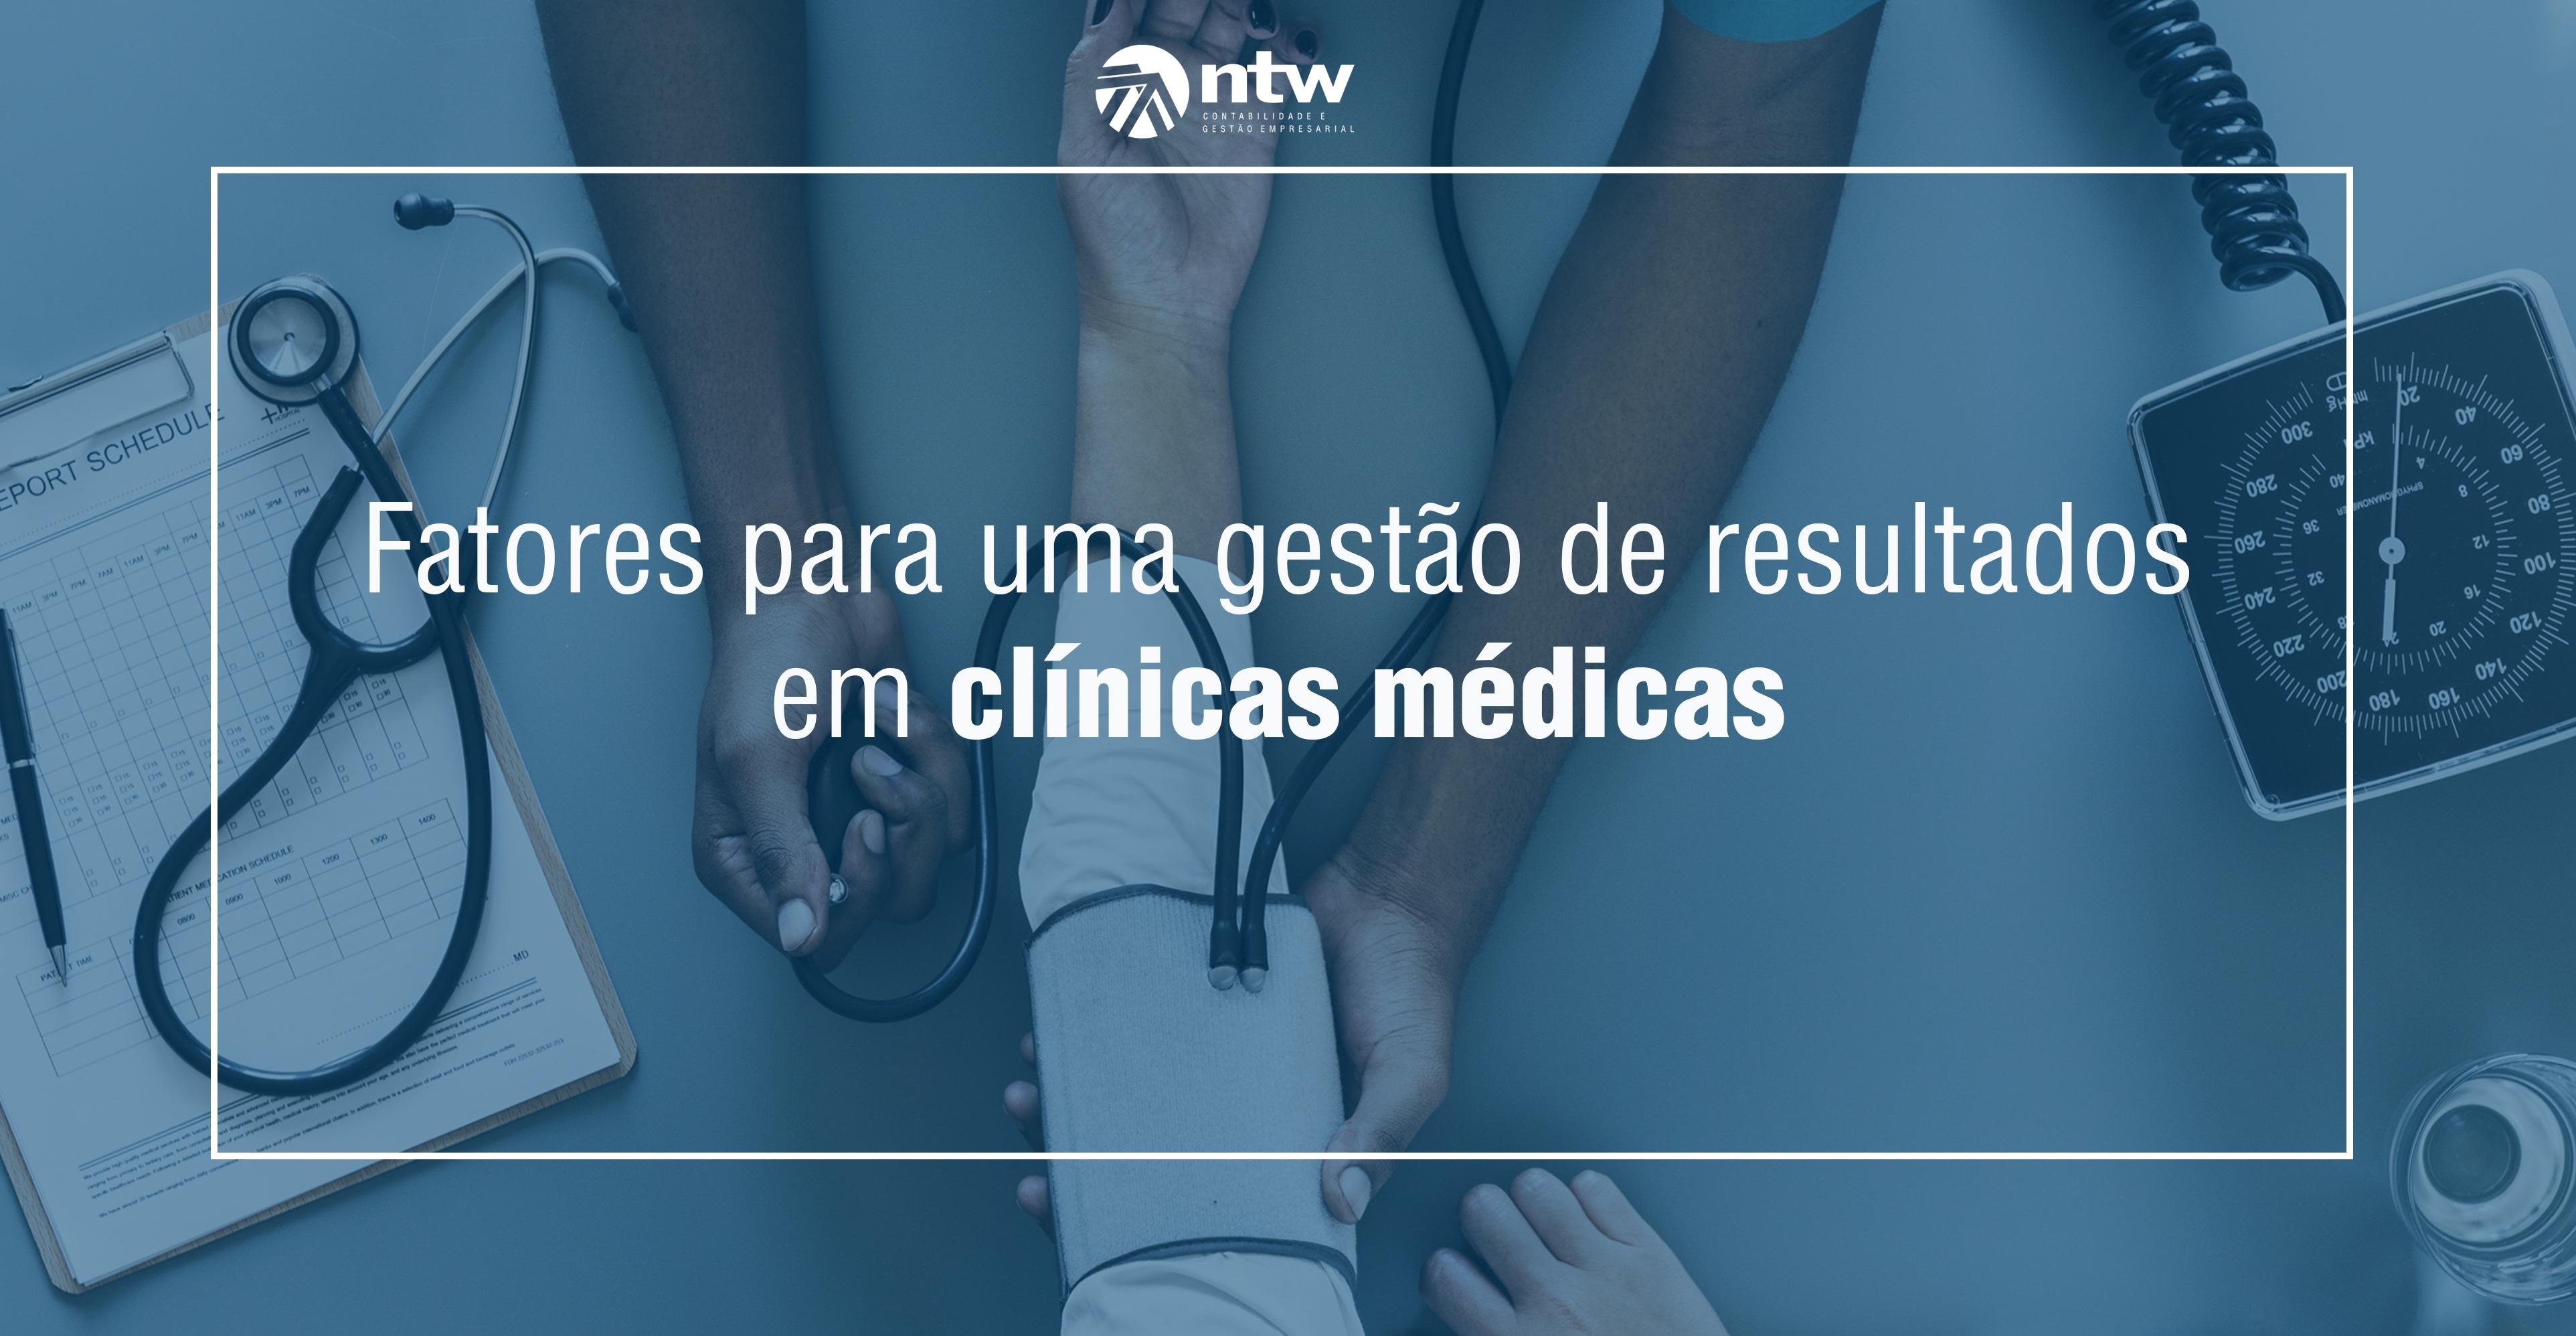 Fatores para uma gestão de resultados em clínicas médicas